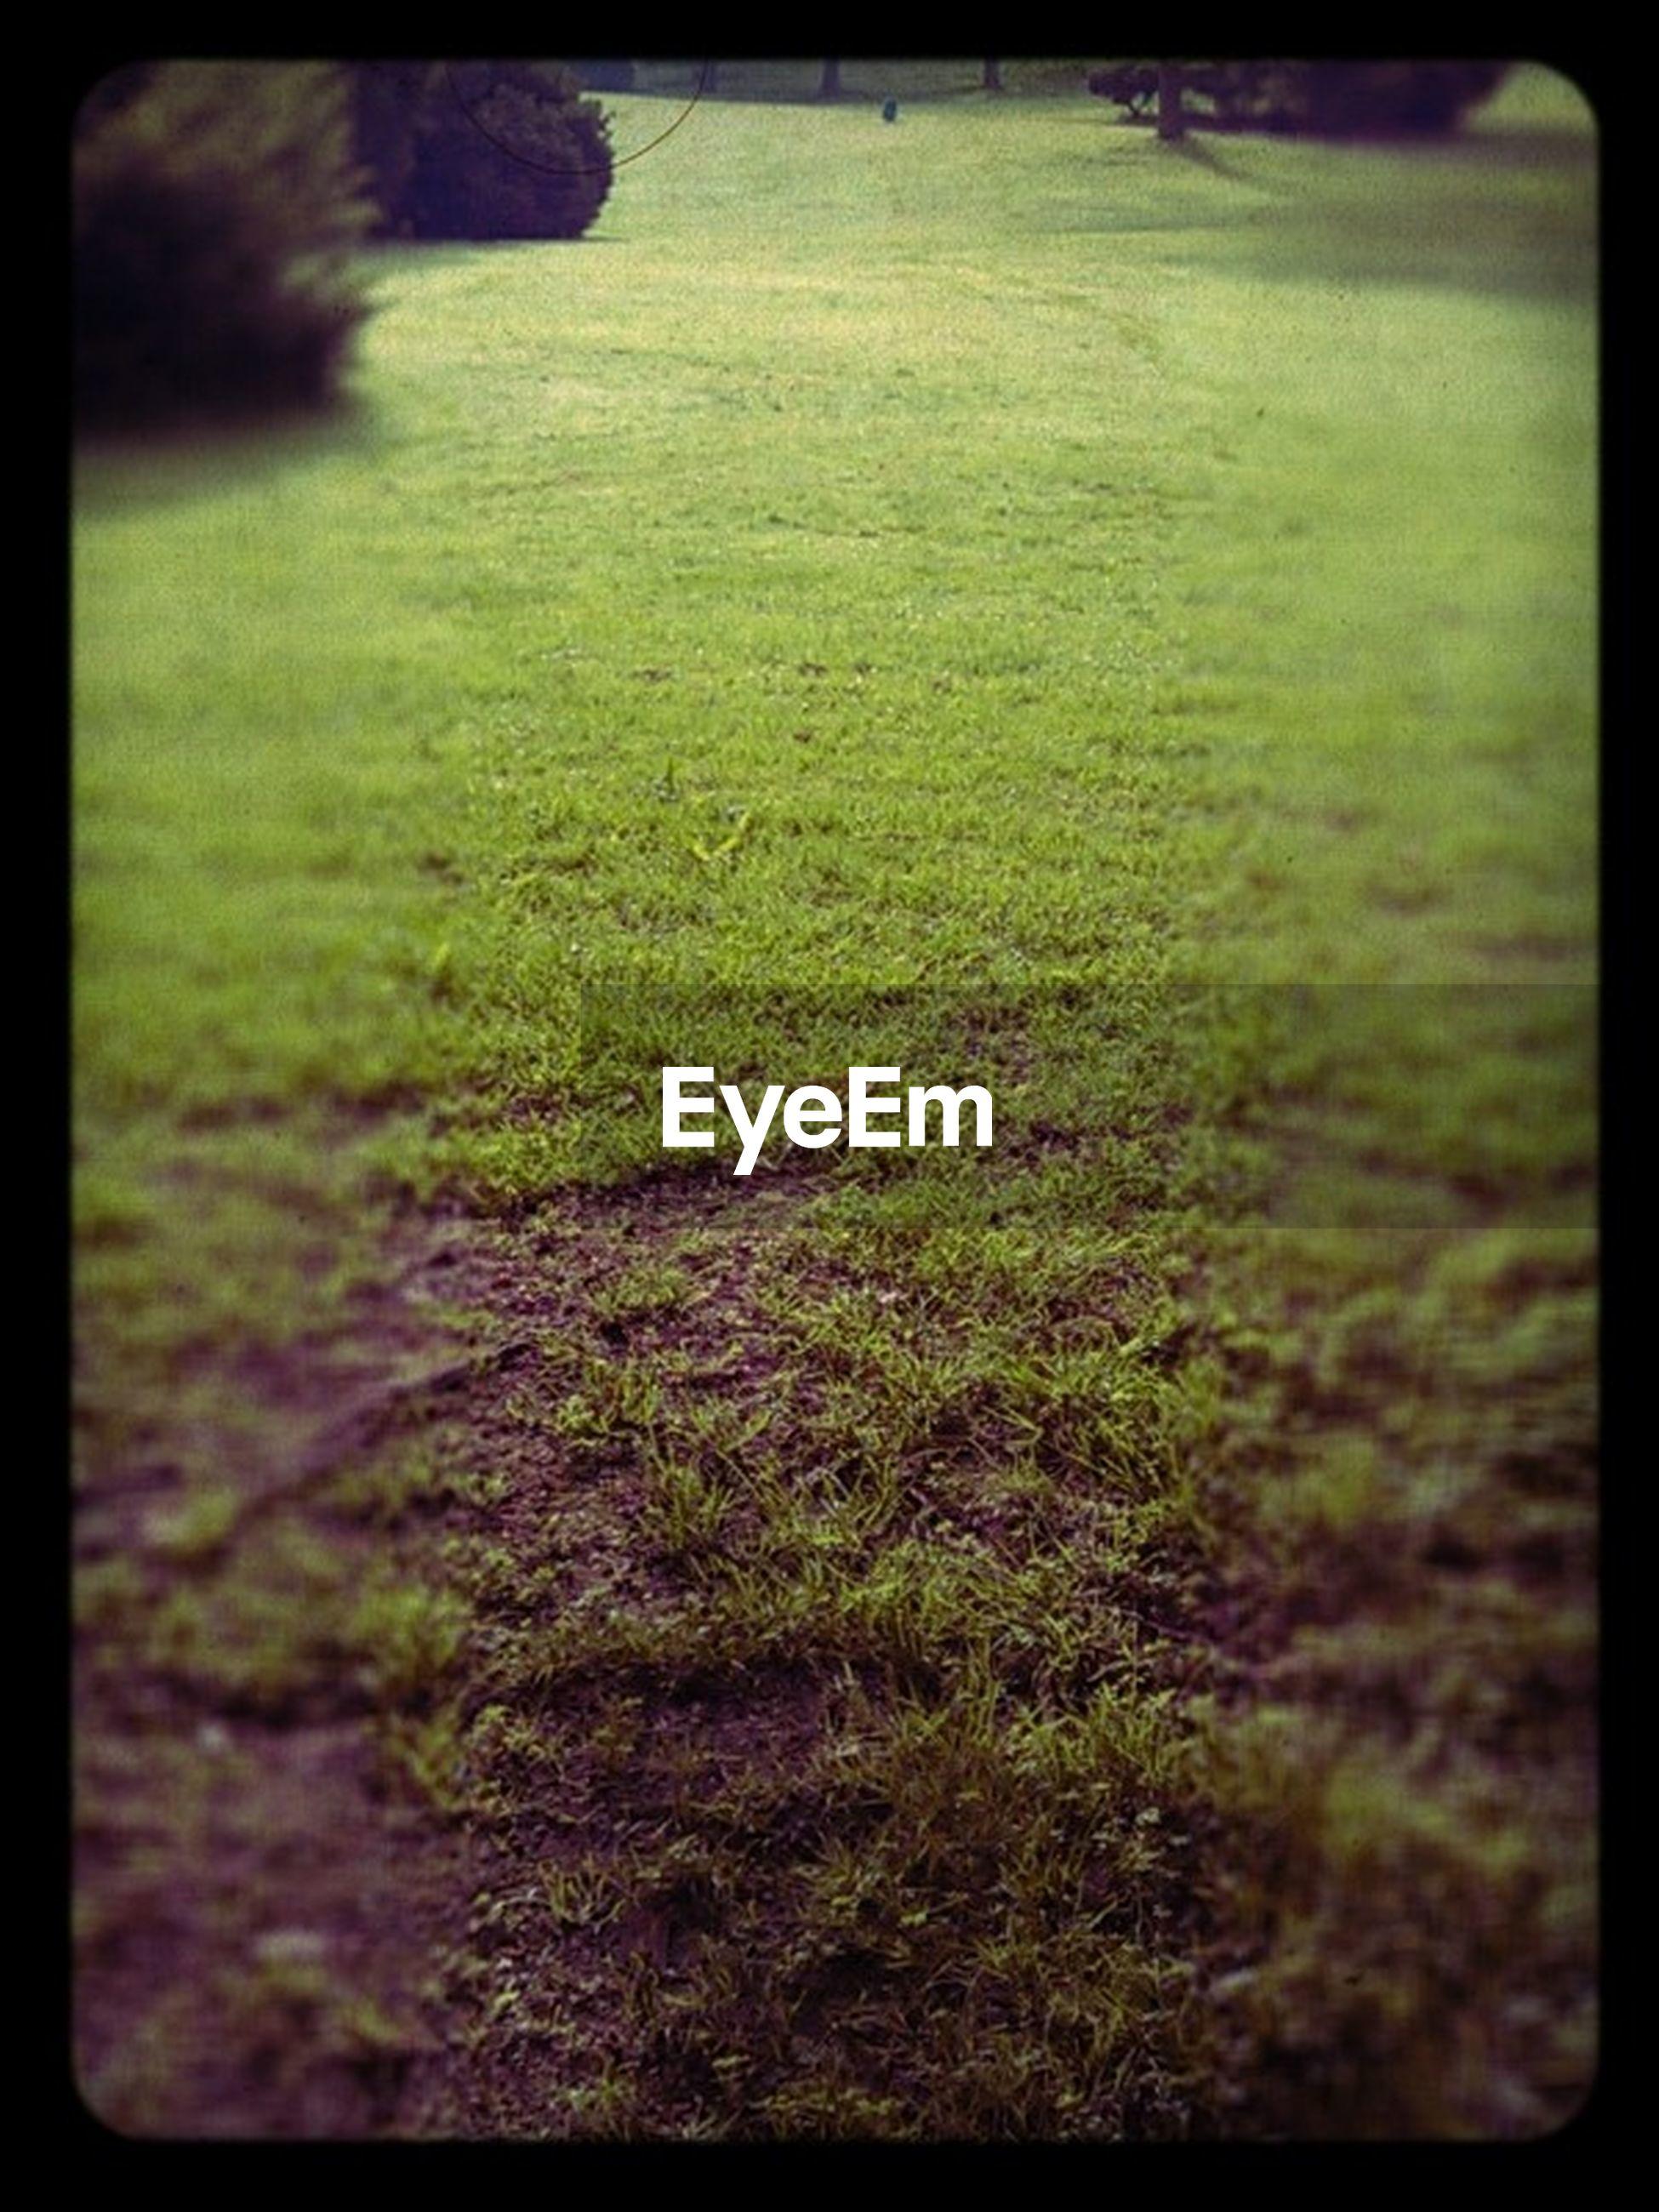 VIEW OF GRASSY FIELD